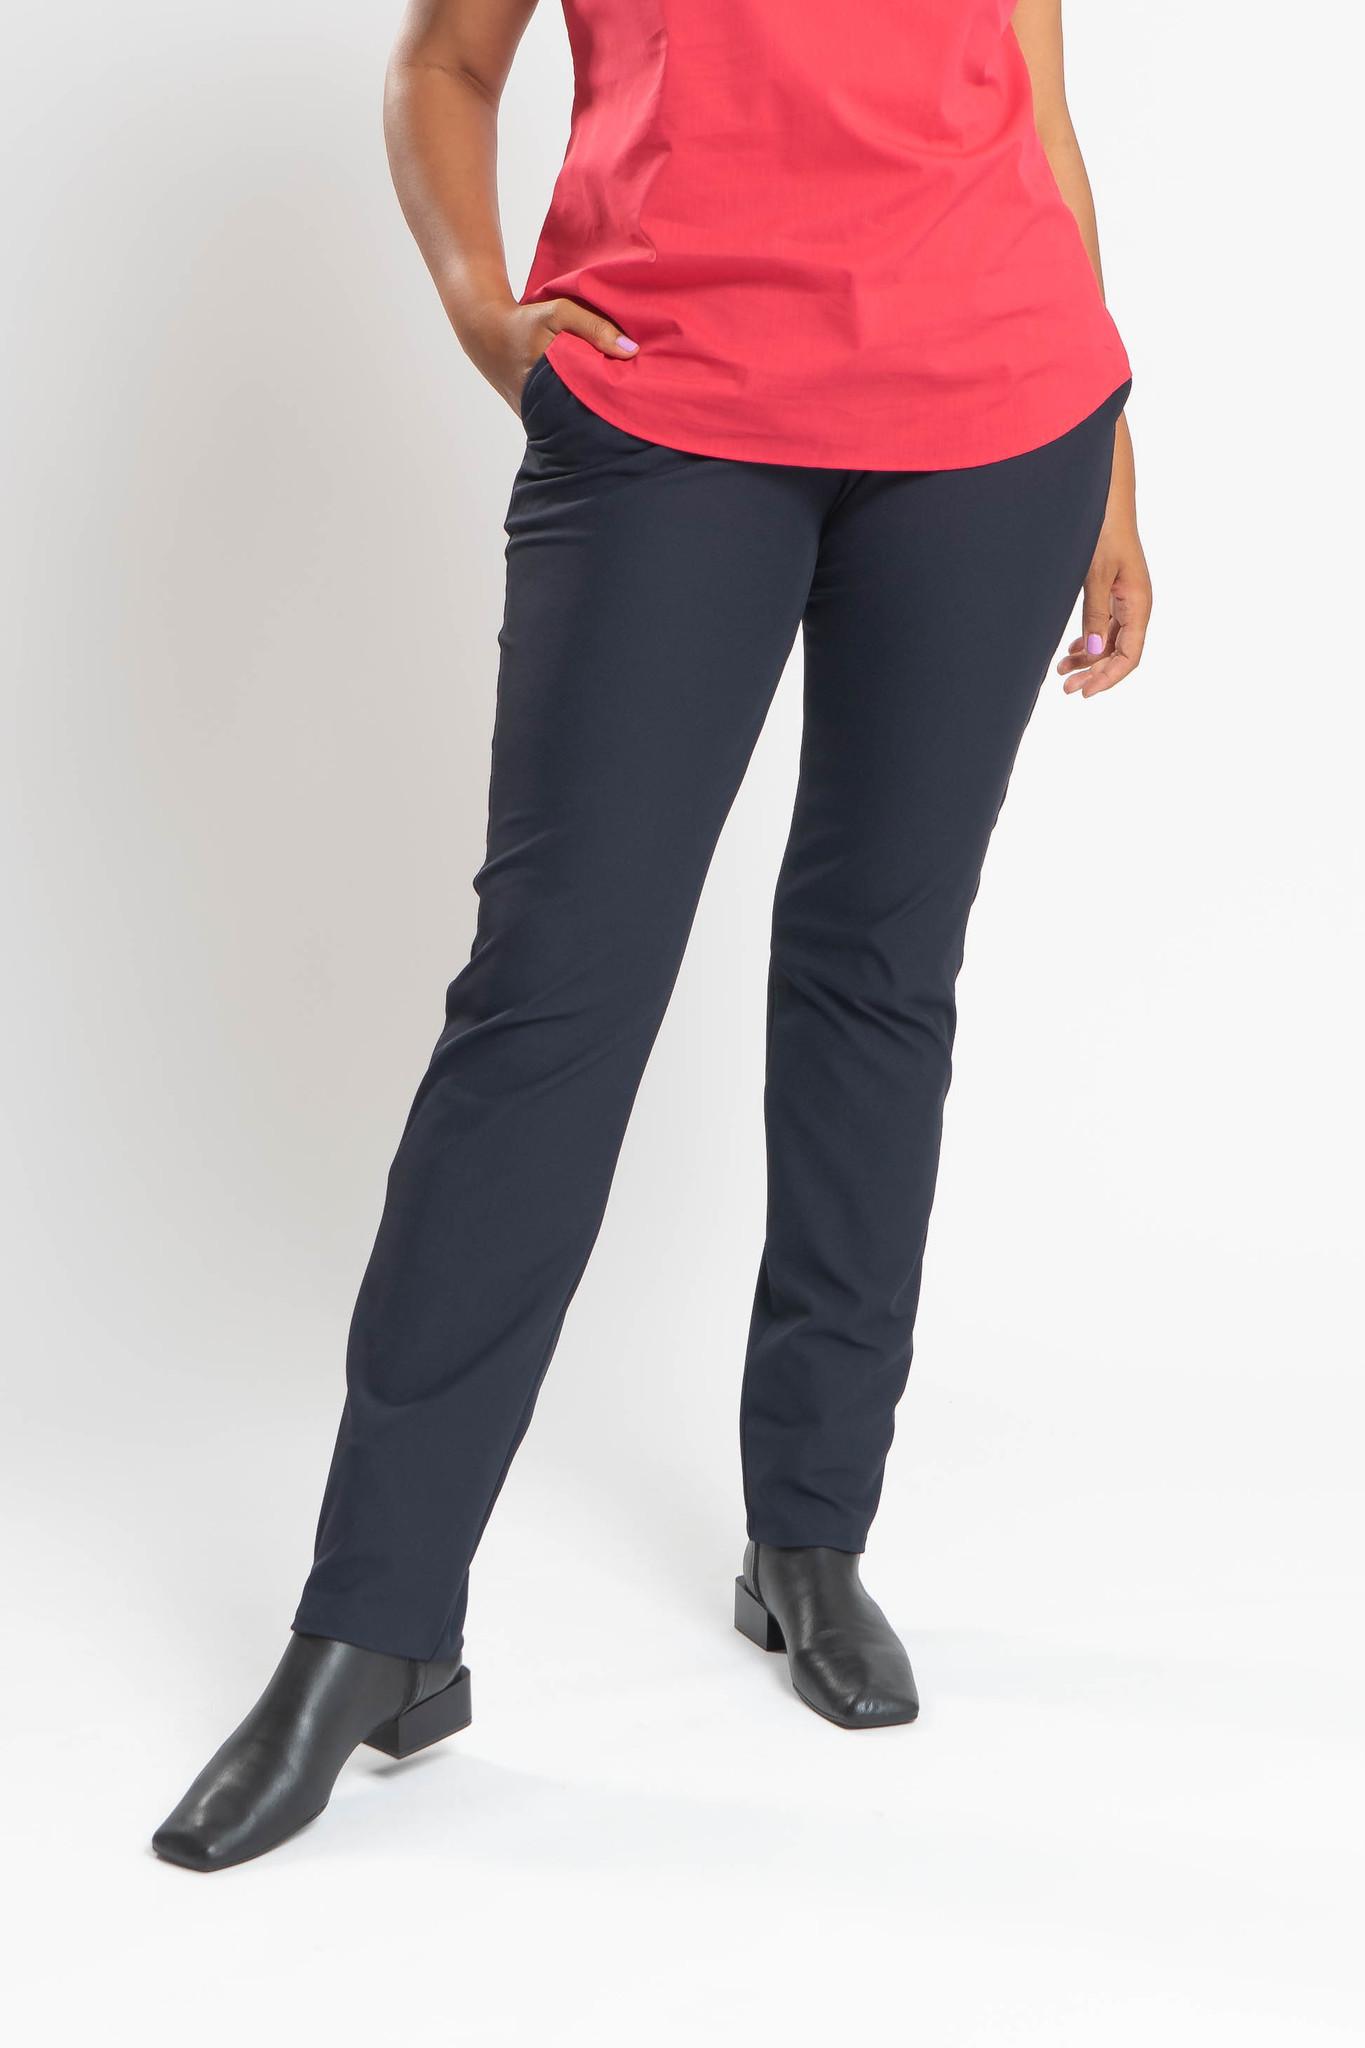 BLISS Trousers in Bi-stretch-3